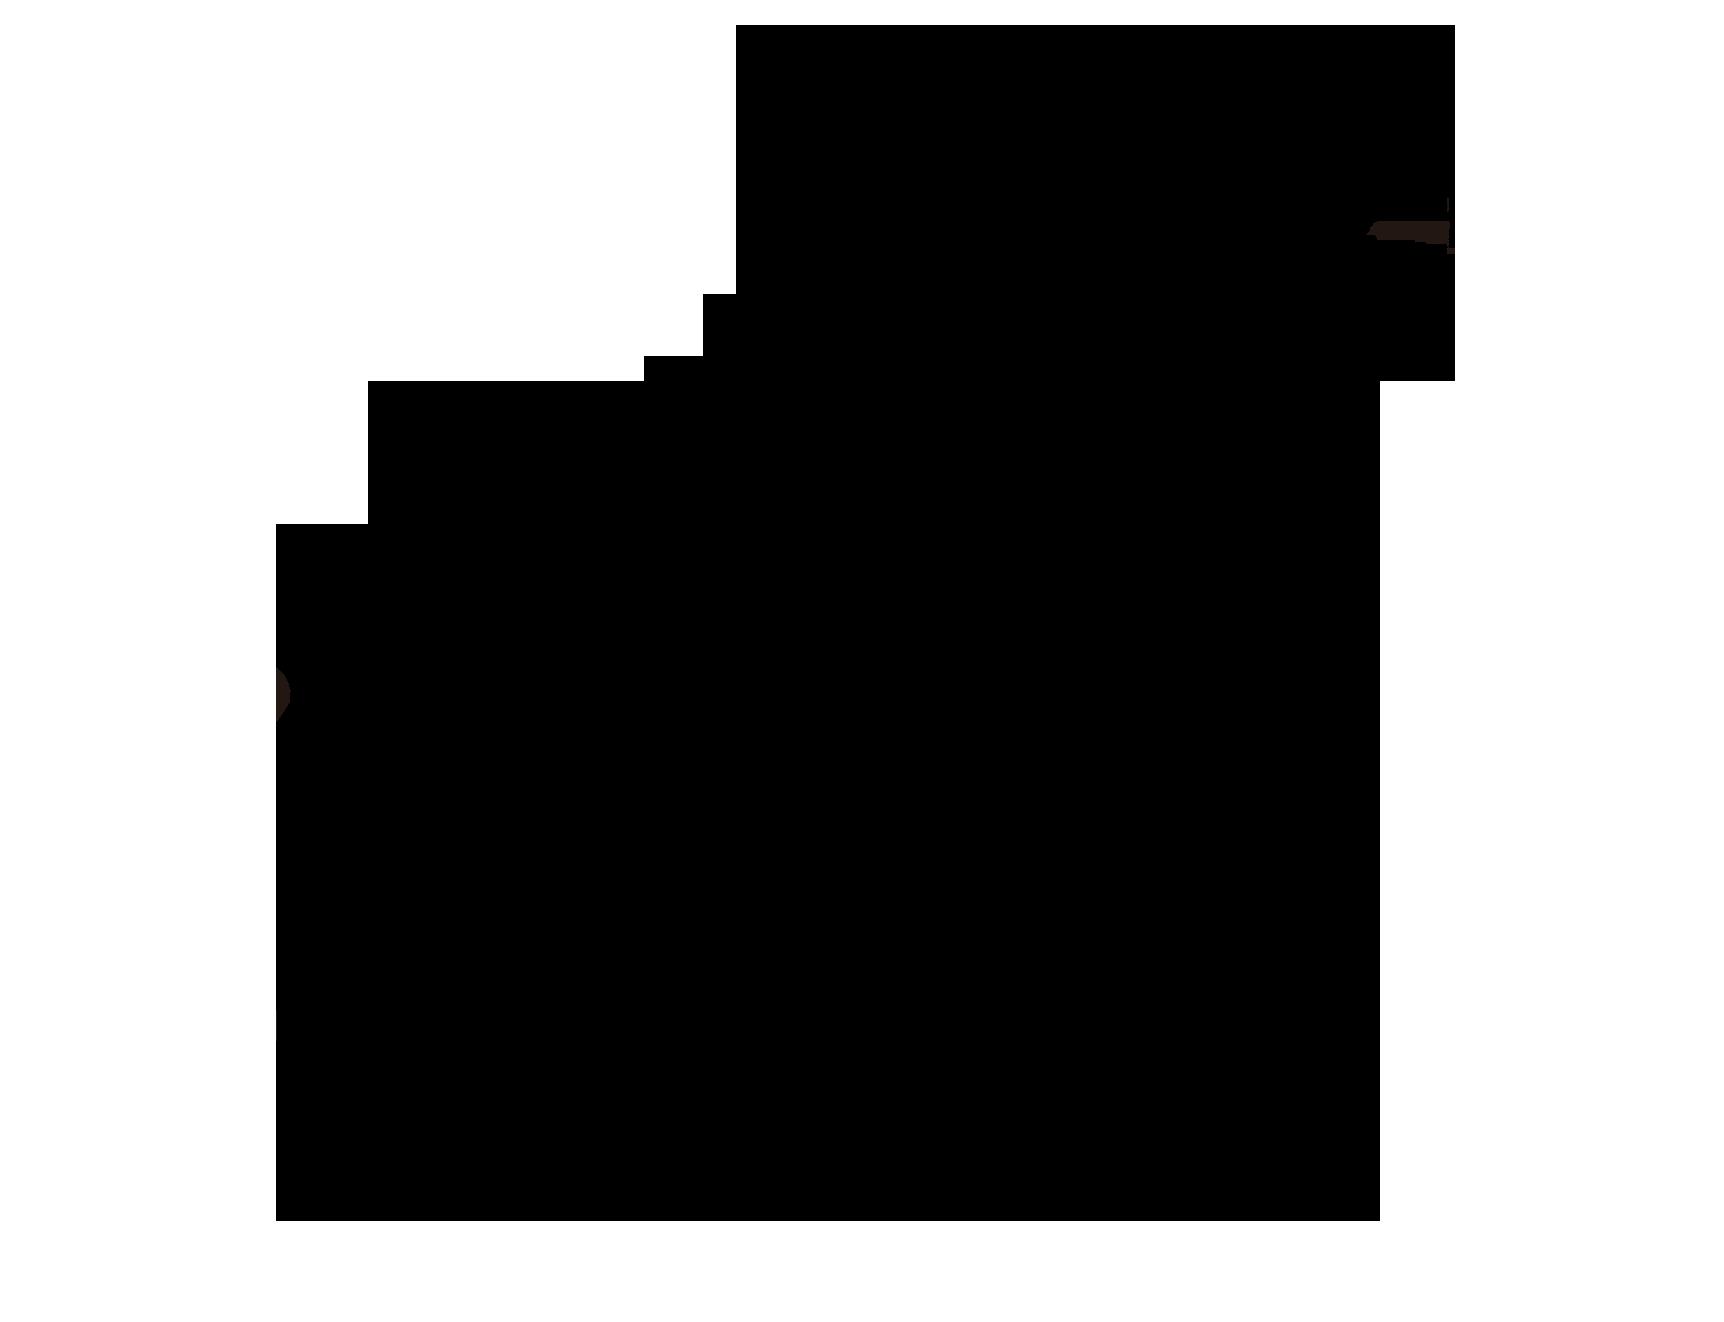 岐阜県の地図画像